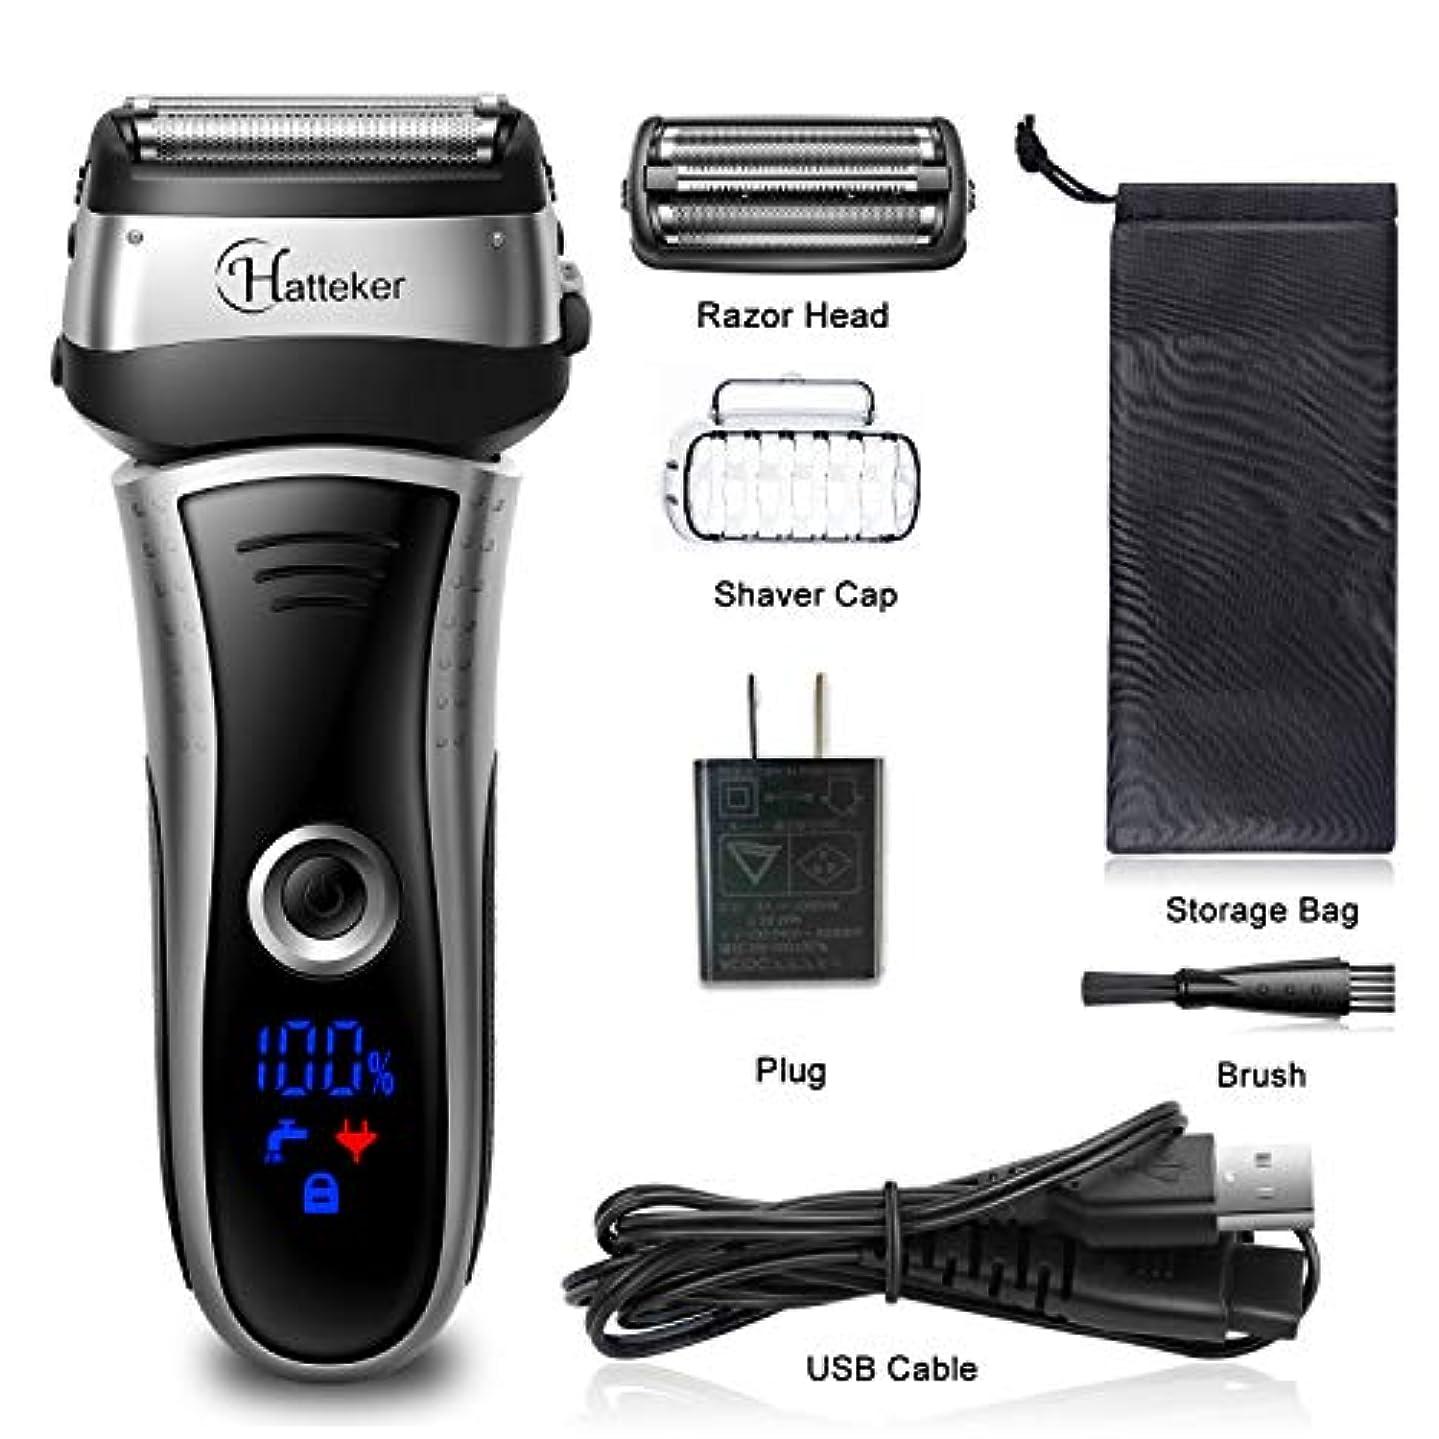 集まる申込み融合HATTEKER メンズシェーバー ひげそり 電動髭剃り 往復式シェーバー 3枚刃 USB充電式 LEDディスプレイ お風呂剃り & 丸洗可 替刃付きブラック